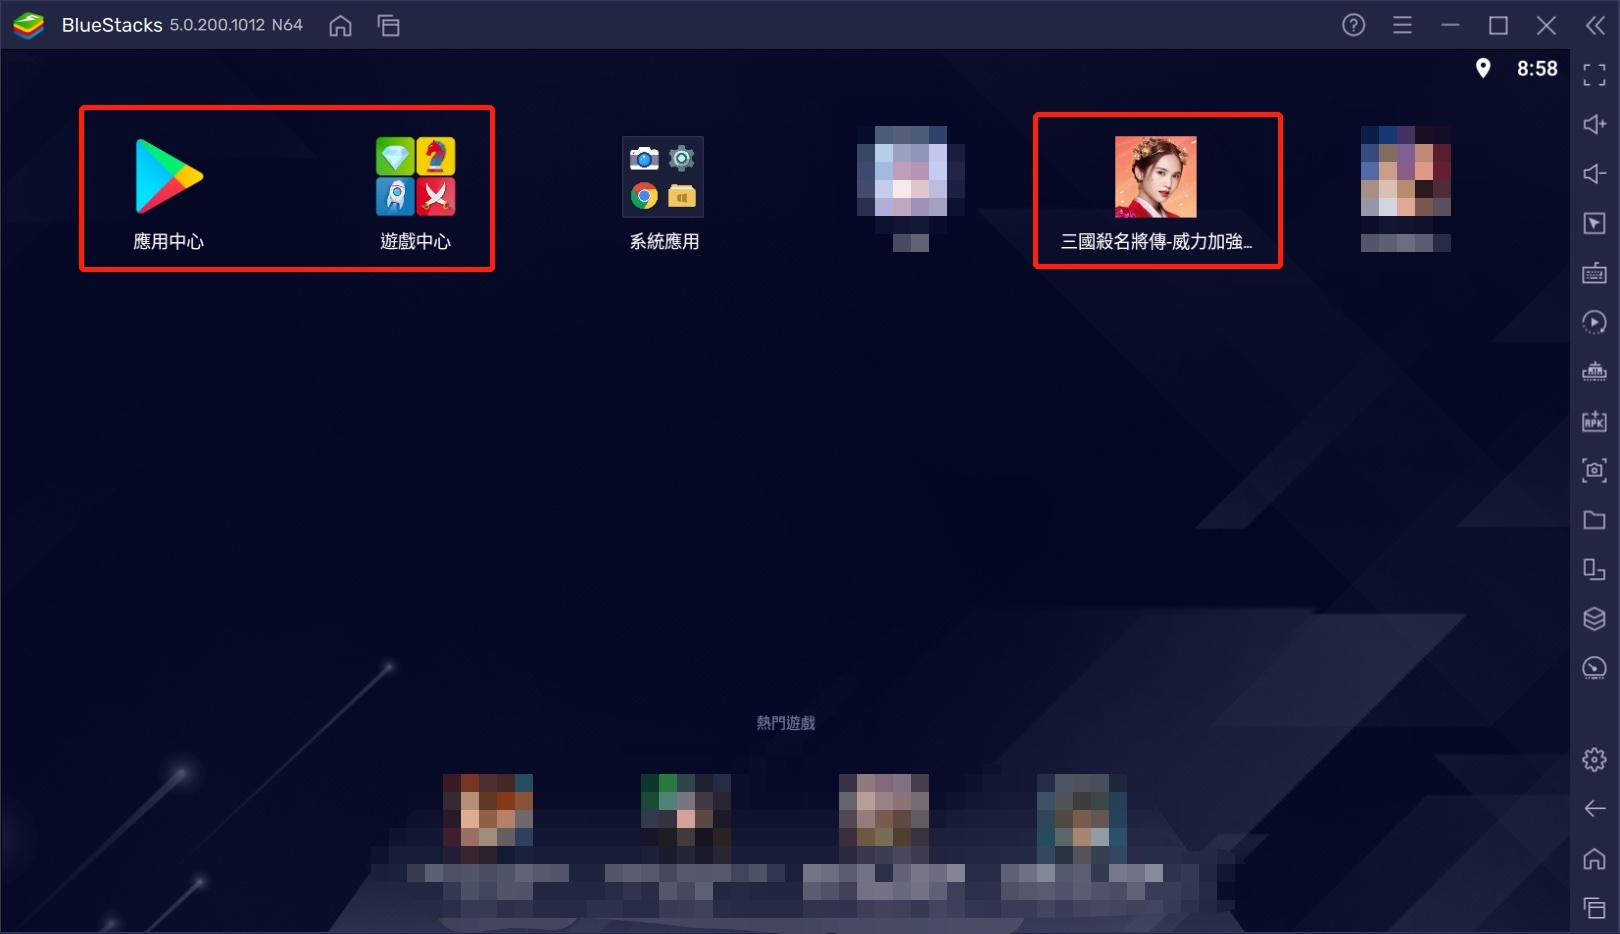 如何用BlueStacks在電腦上玩三國策略卡牌手遊《三國殺名將傳-威力加強版》